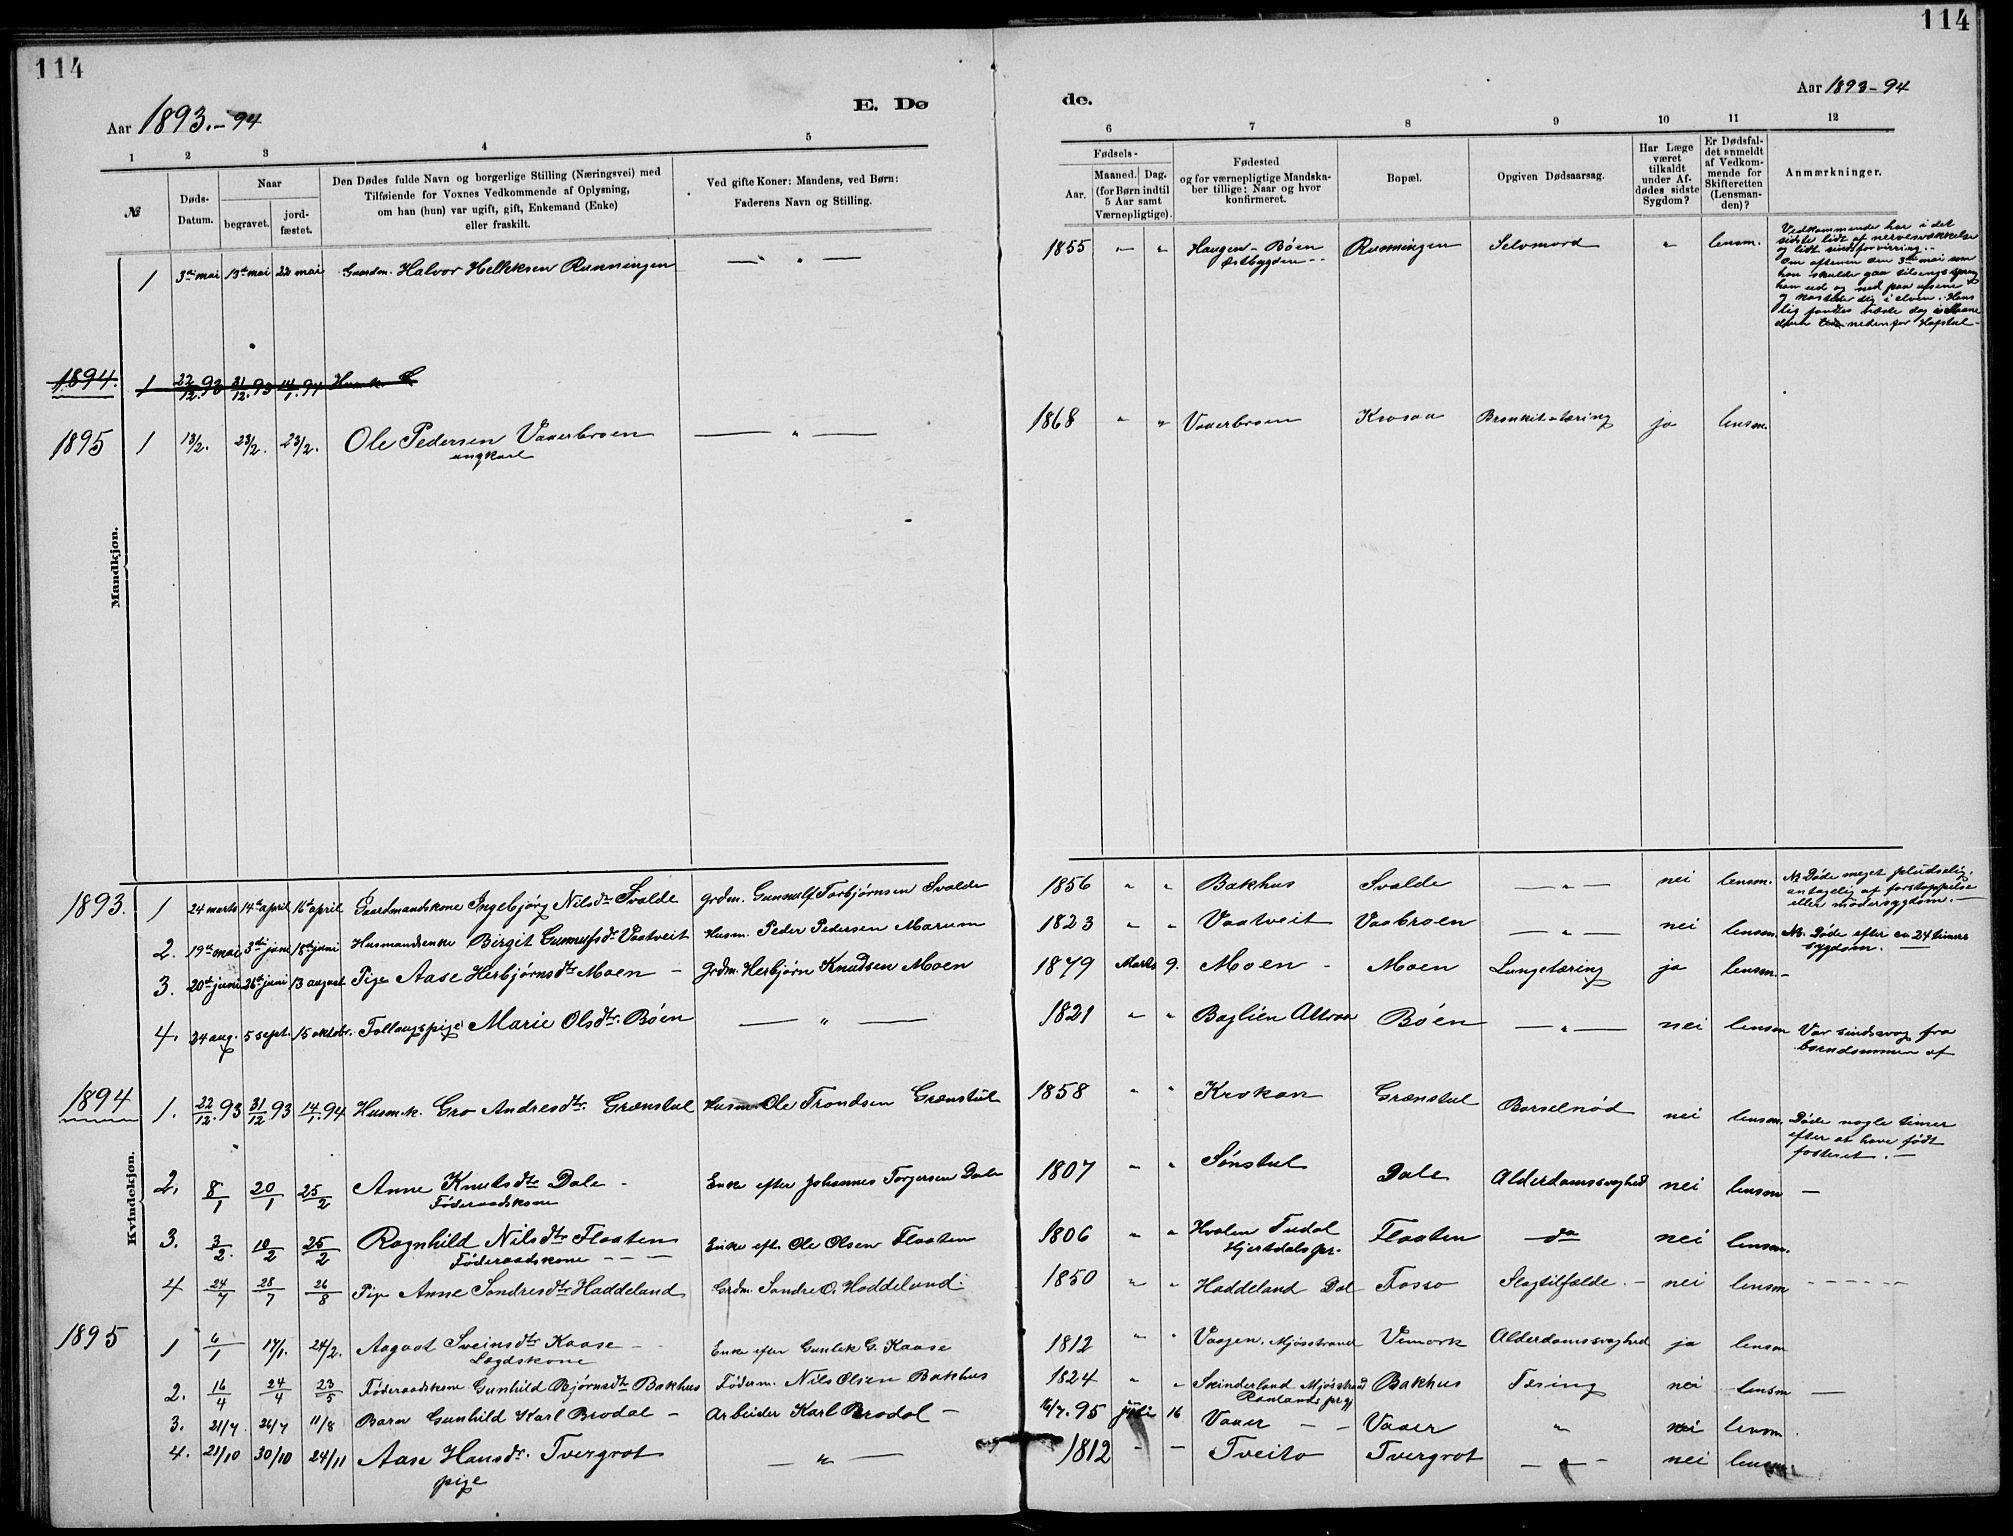 SAKO, Rjukan kirkebøker, G/Ga/L0001: Klokkerbok nr. 1, 1880-1914, s. 114